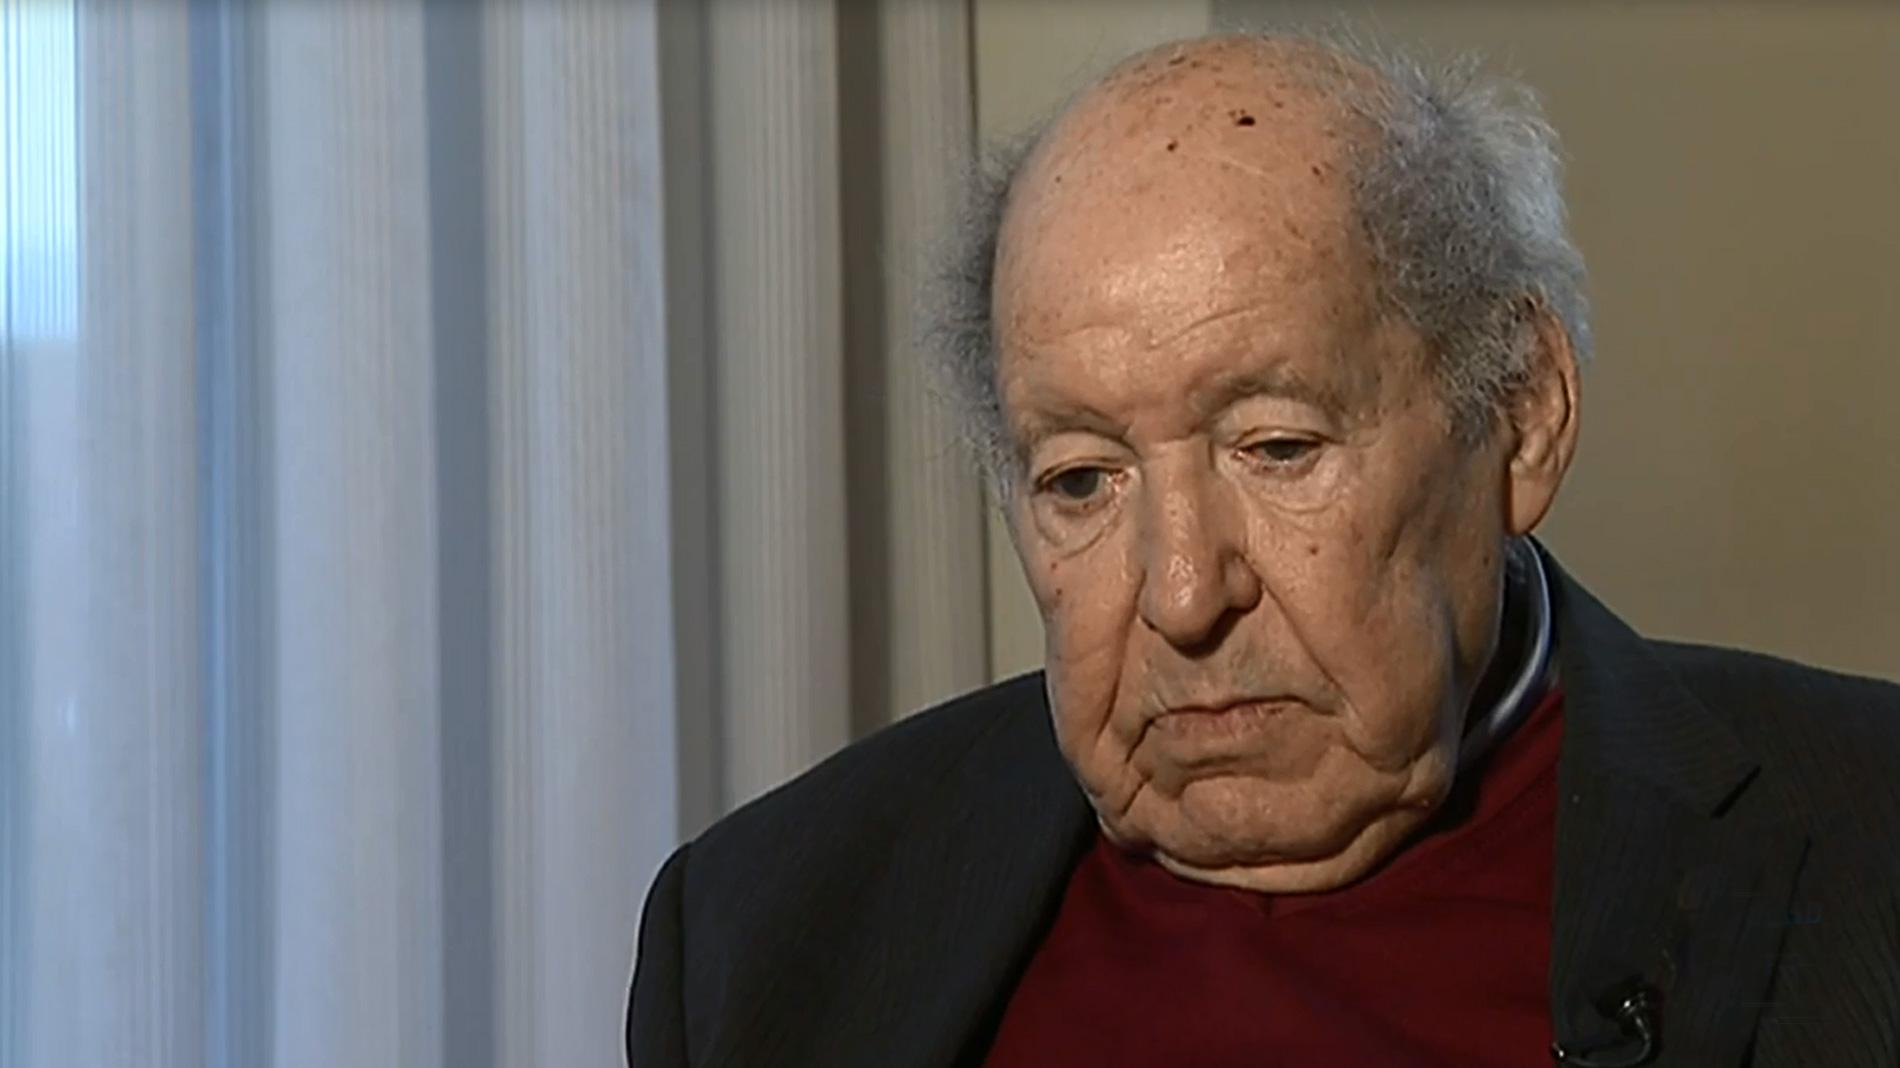 Sally Perel relata a TVE cómo sobrevivió al Holocausto haciéndose pasar por un alemán nazi